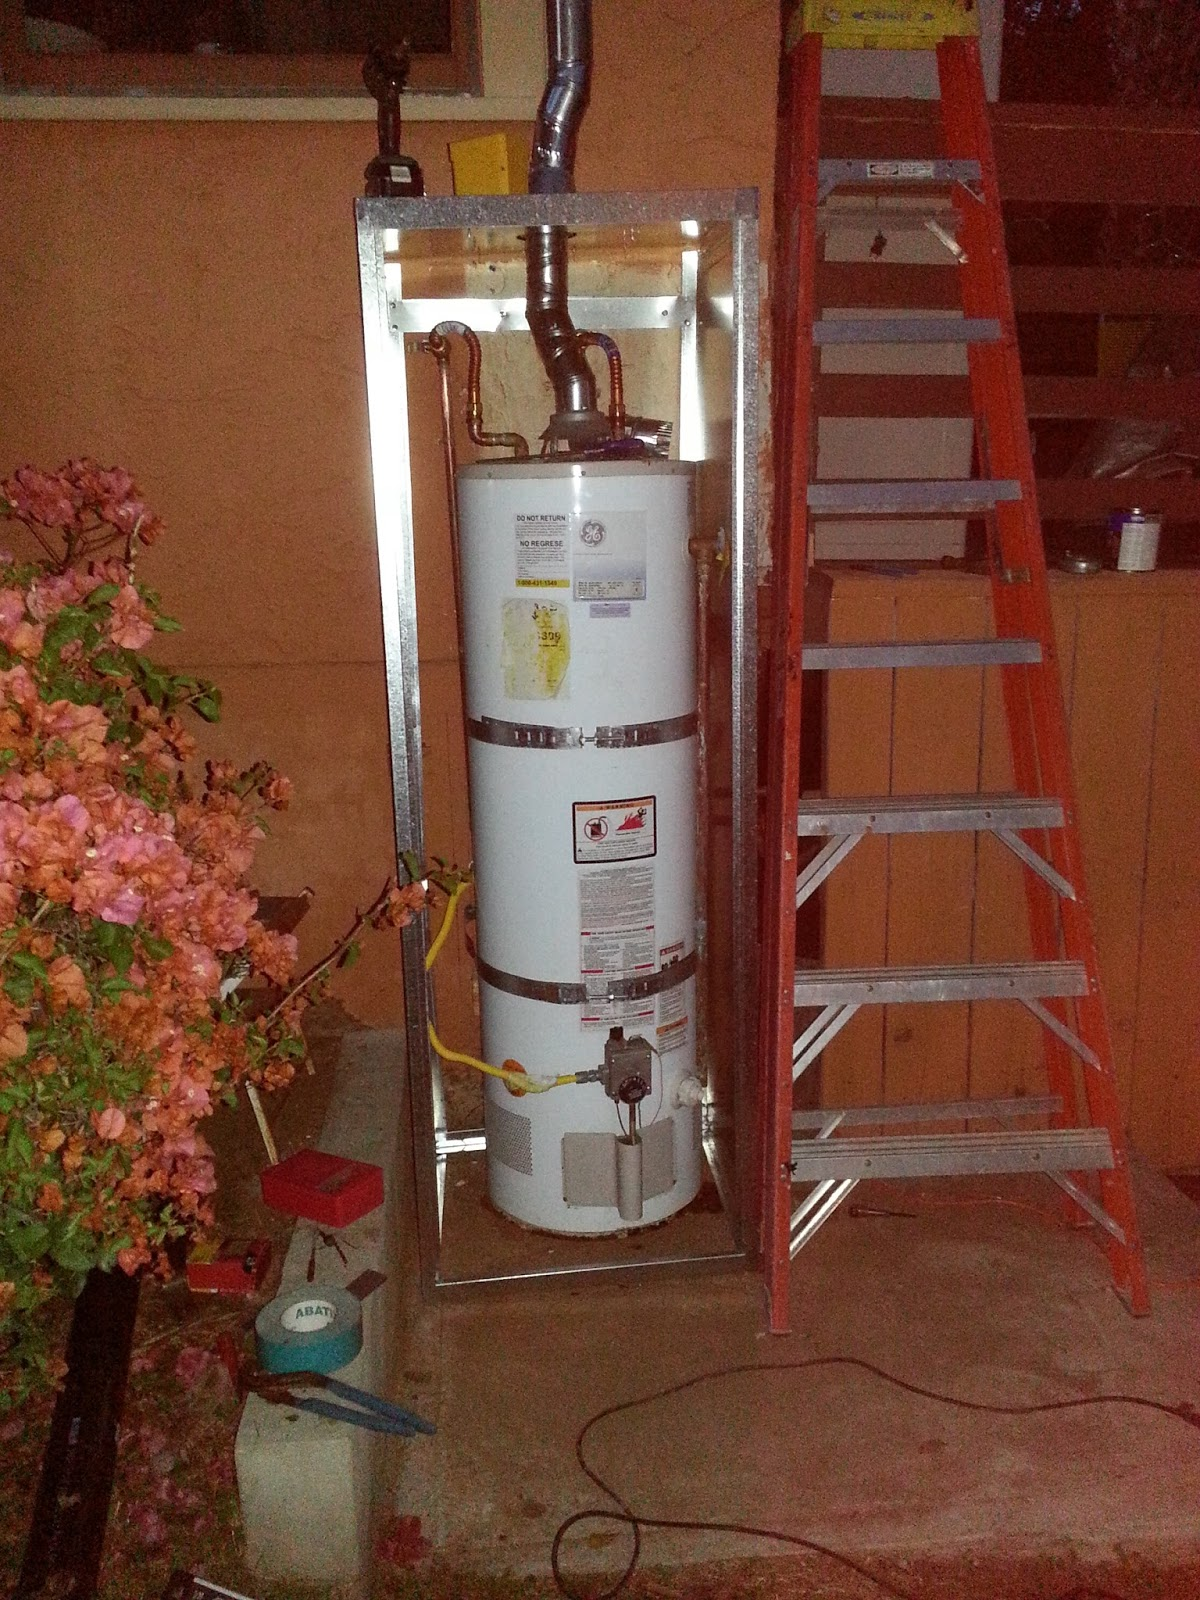 Andys Plumbing San Diego 619 952 7063 Water Heaters